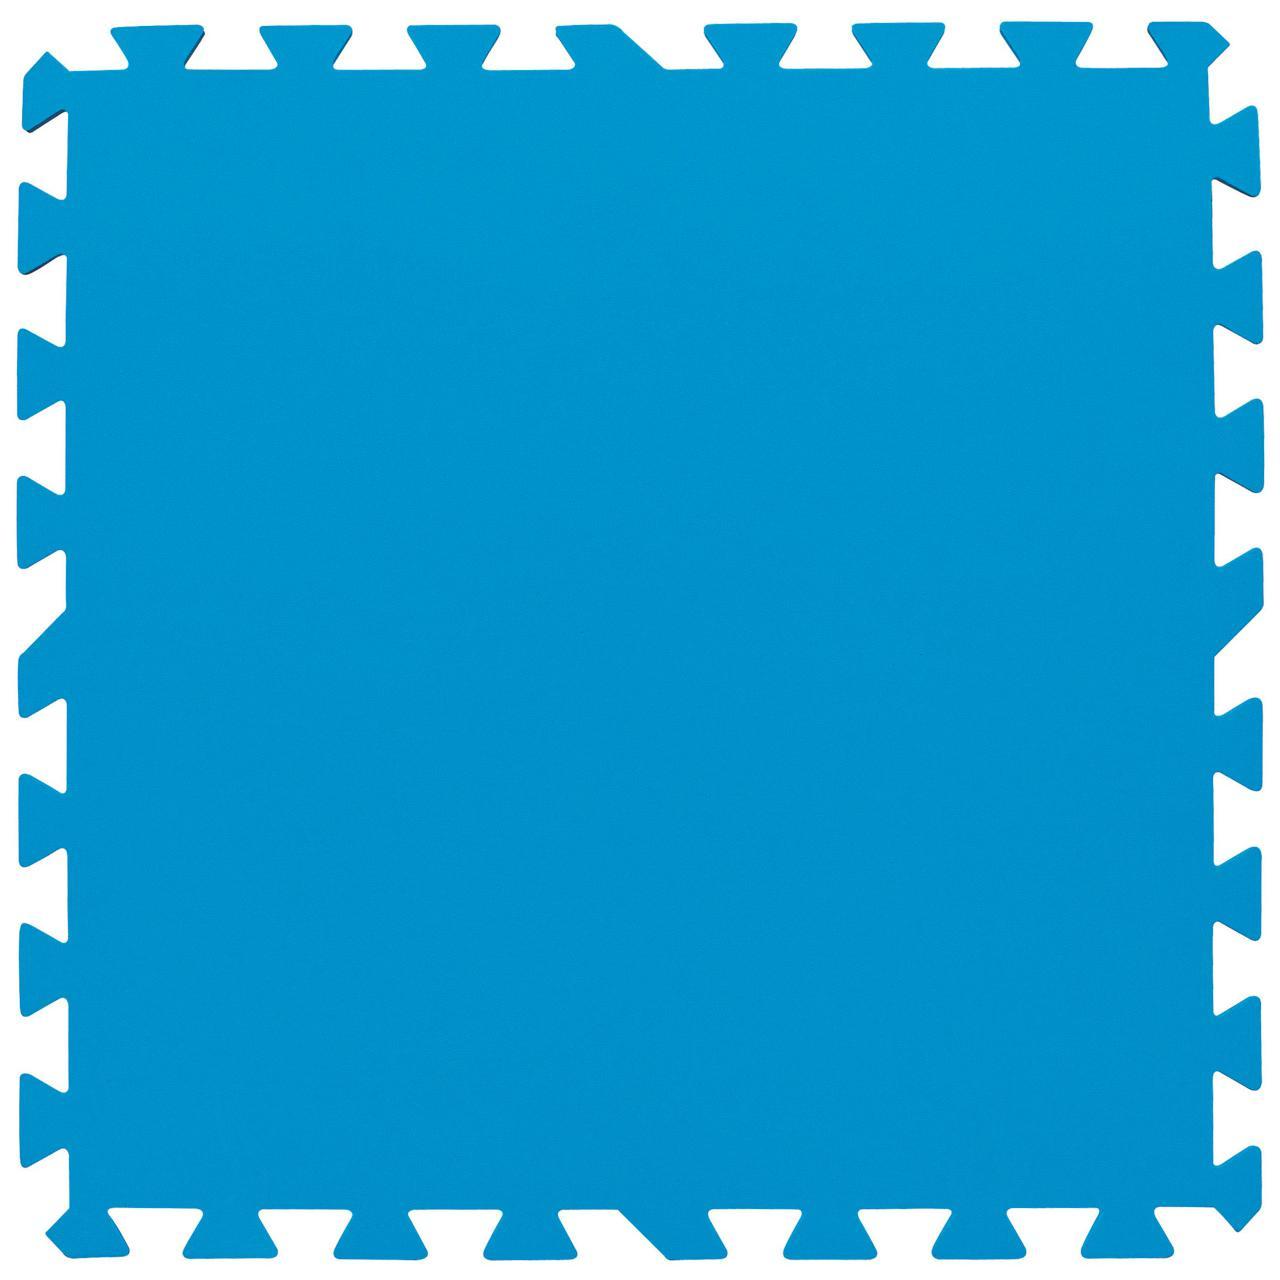 Fußmatten schutz schwimmbad Bestway Teppich pool Blau 50